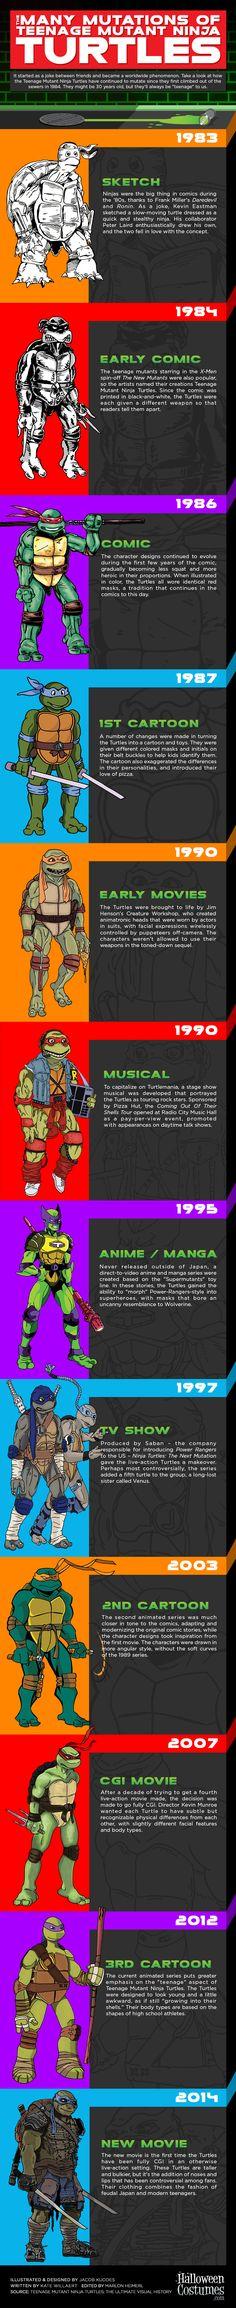 The Many Mutations of Teenage Mutant Ninja Turtles #infographic #Entertainment #NinjaTurtles